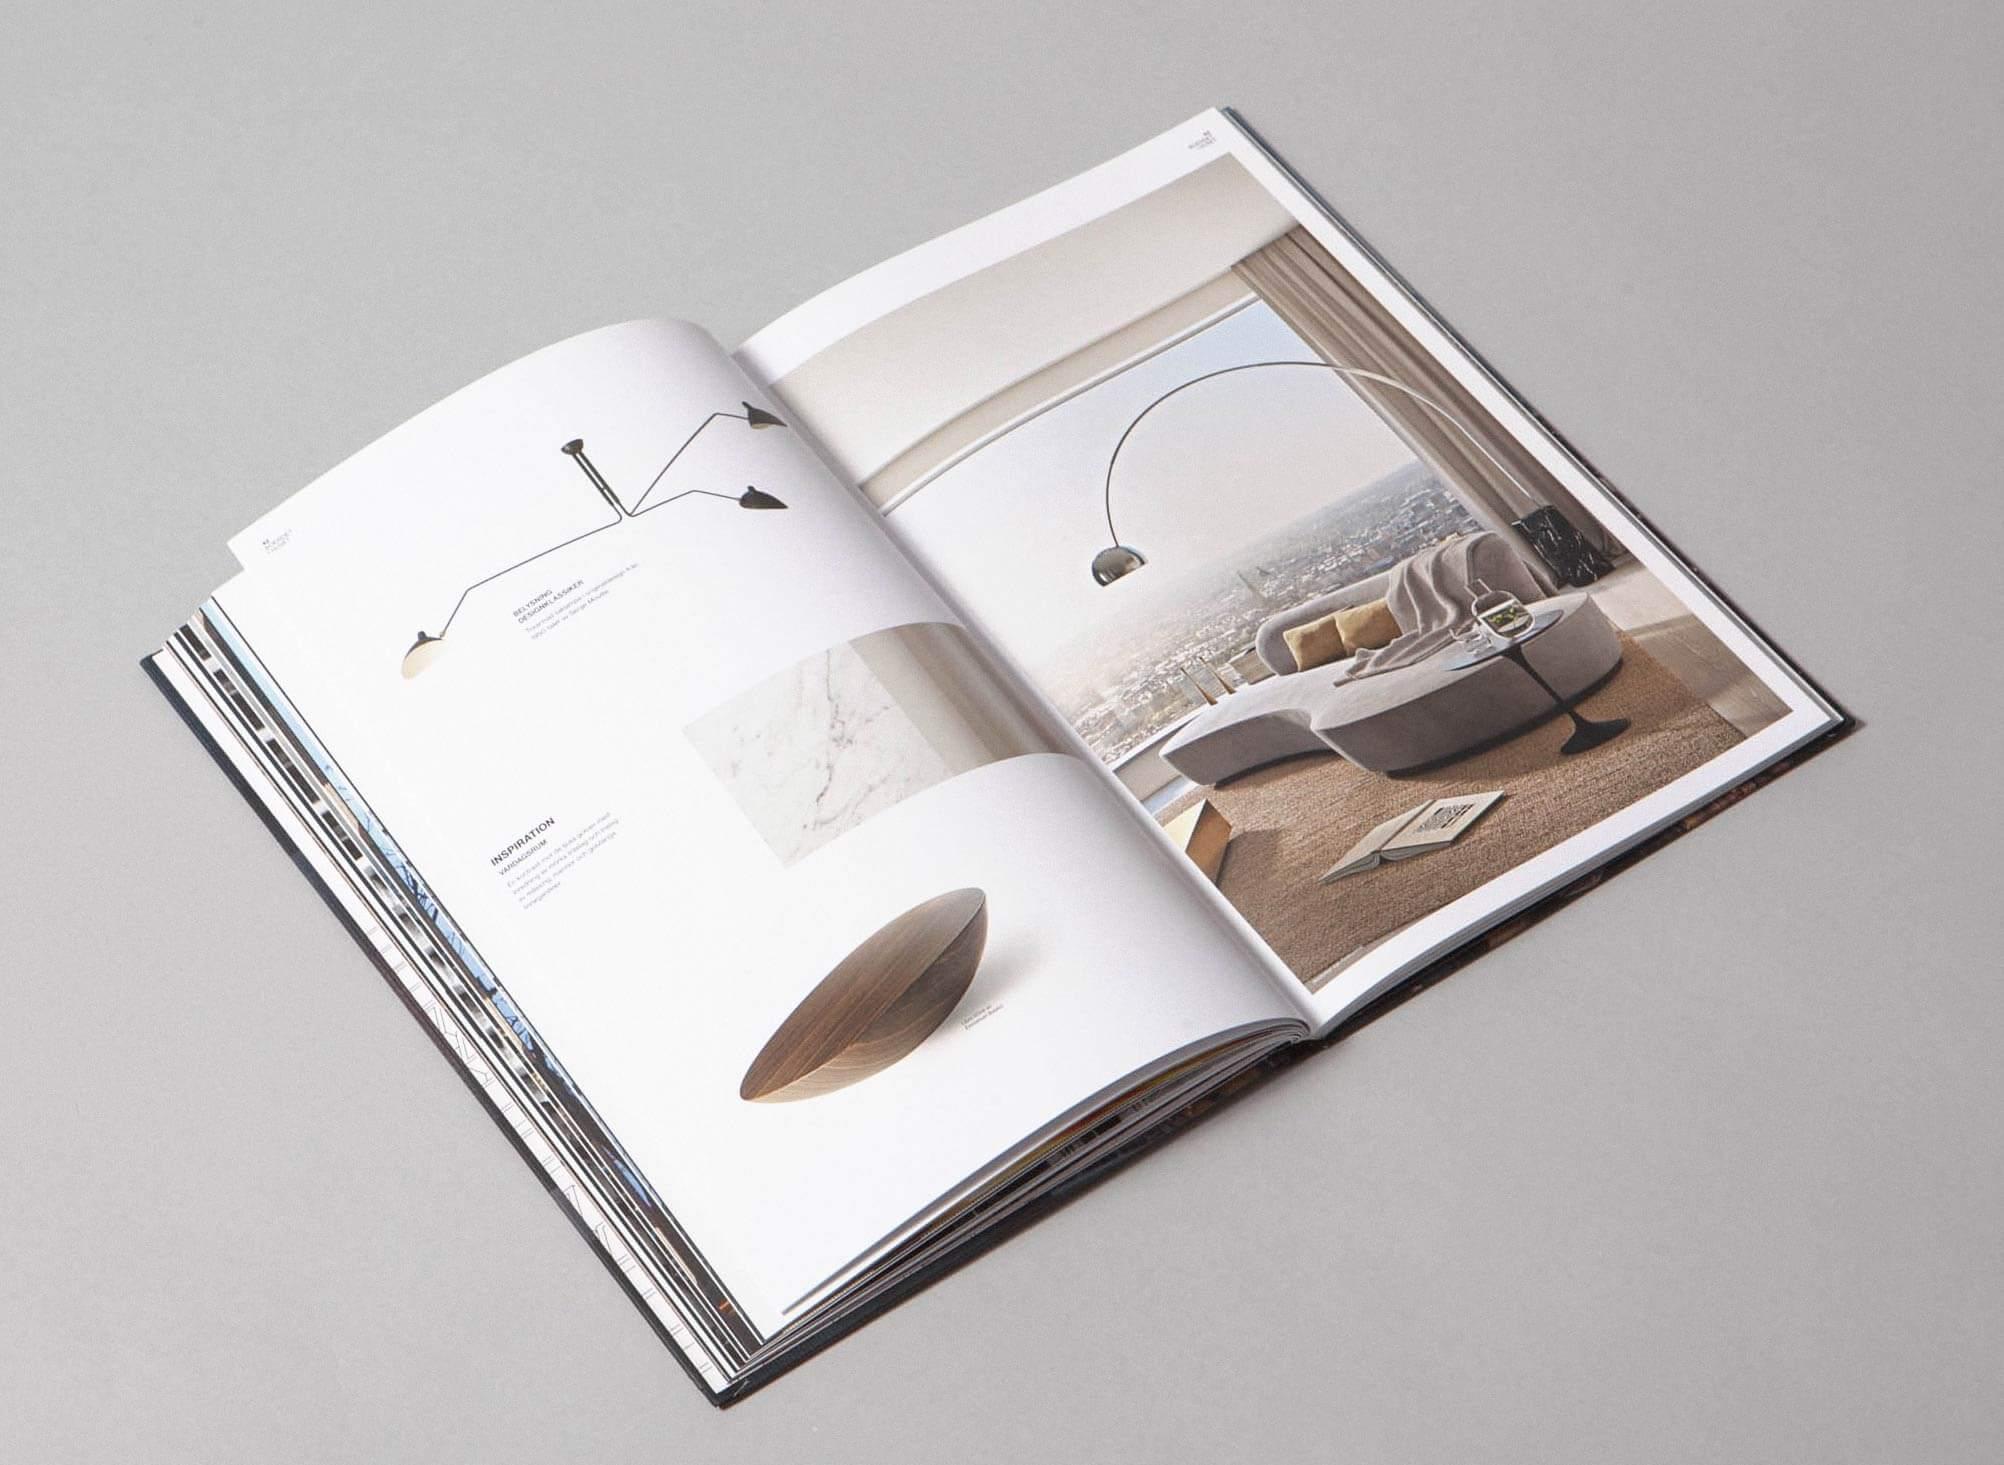 norra-tornen-book-9